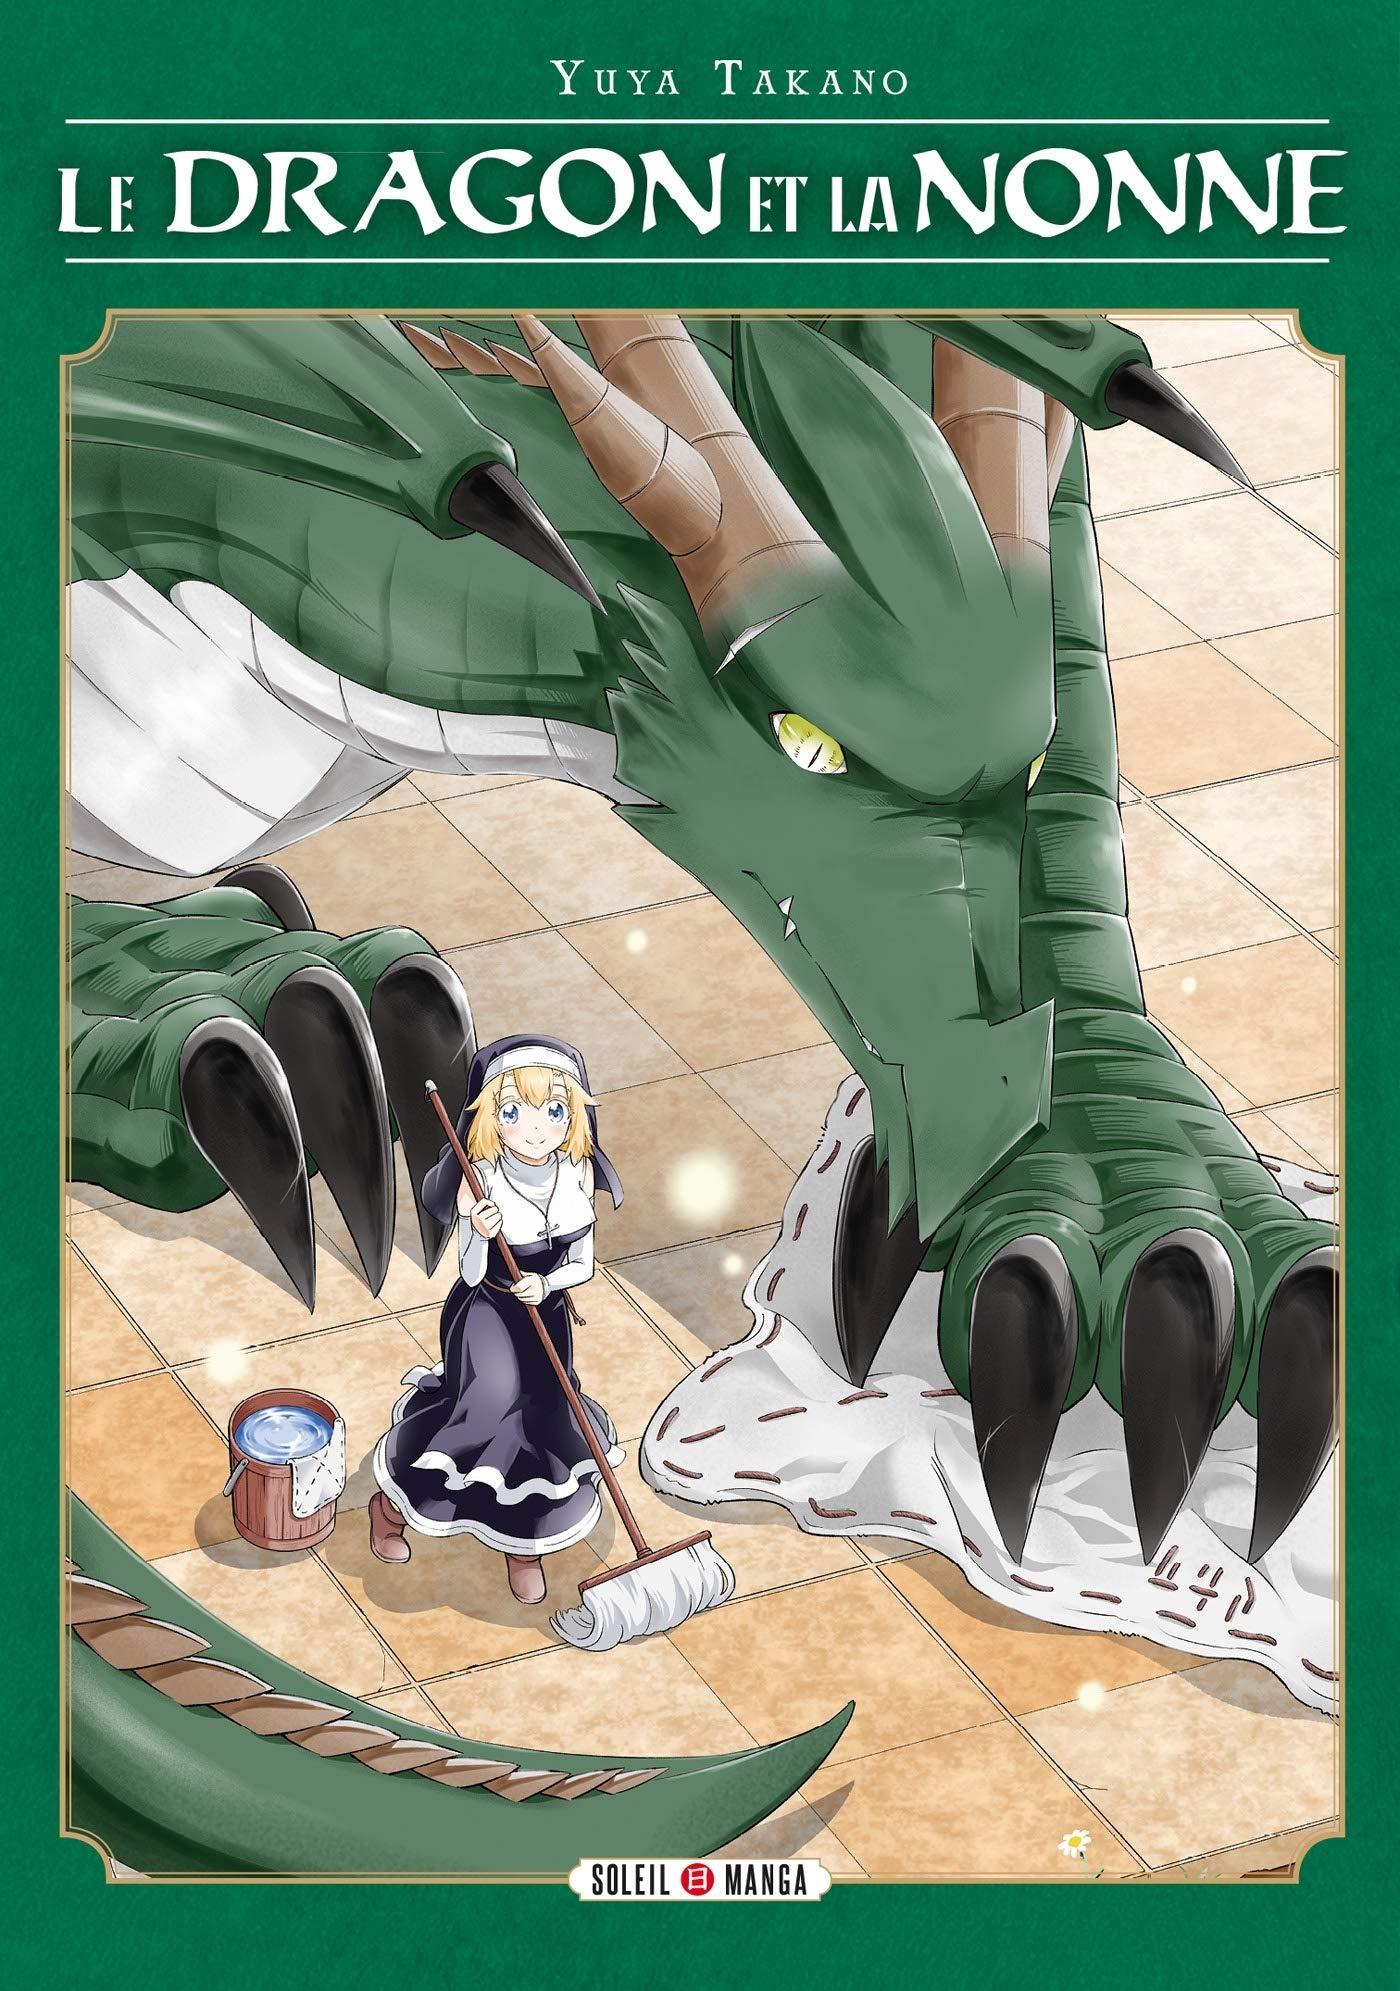 Le Dragon et la Nonne 1